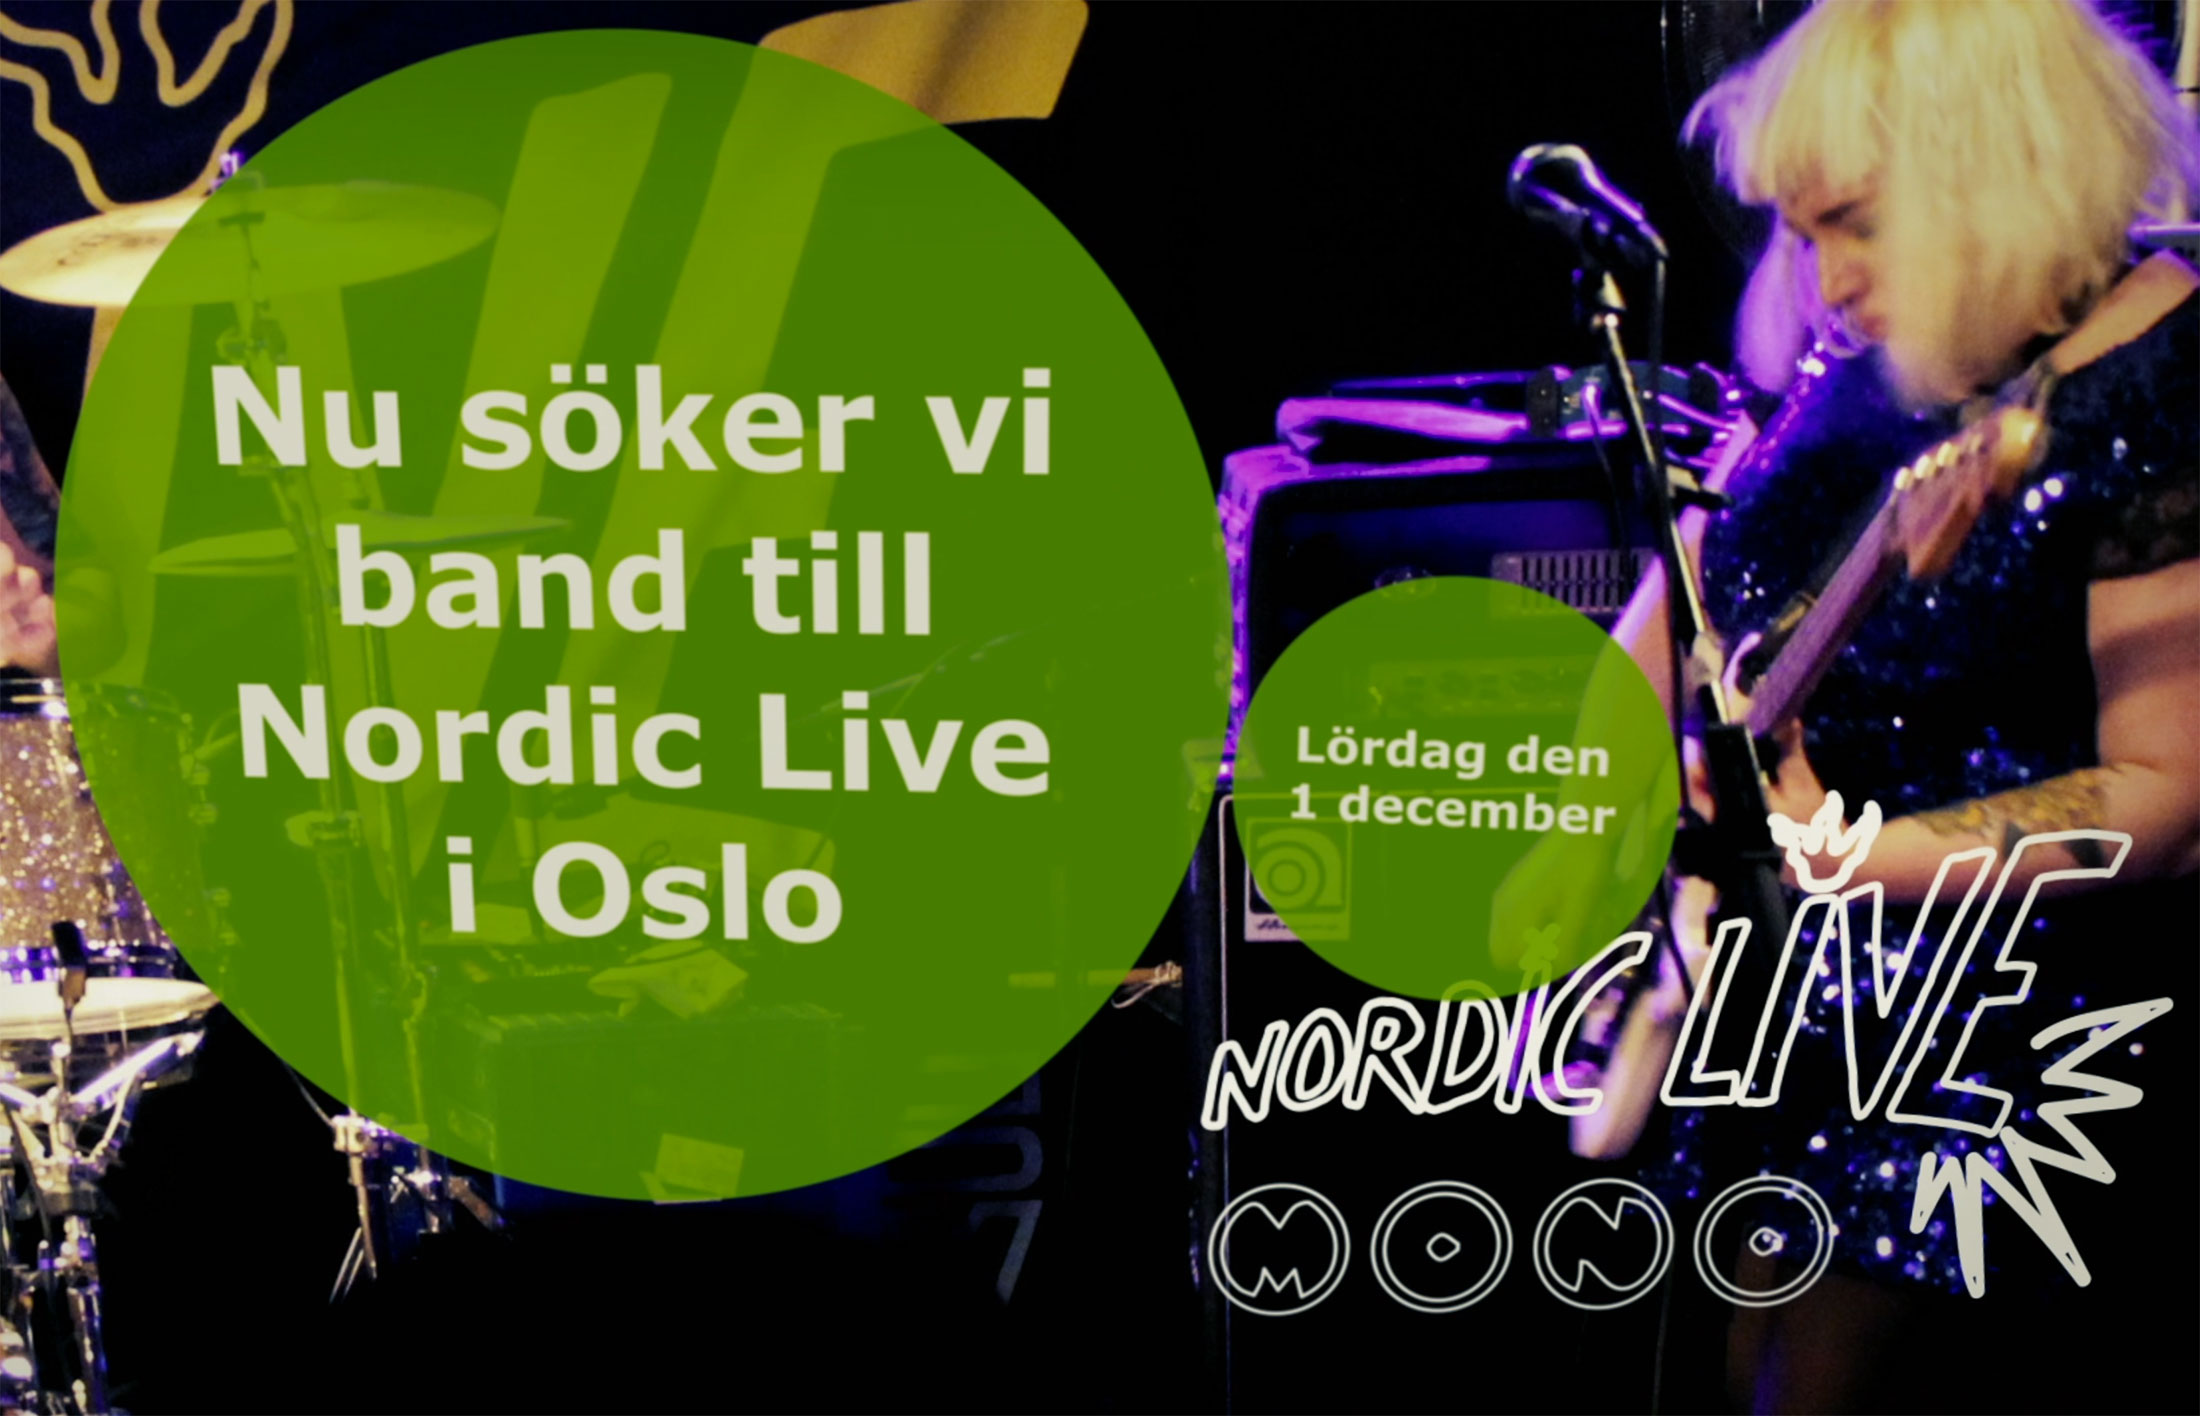 Nordic Live Oslo 1 dec 2018